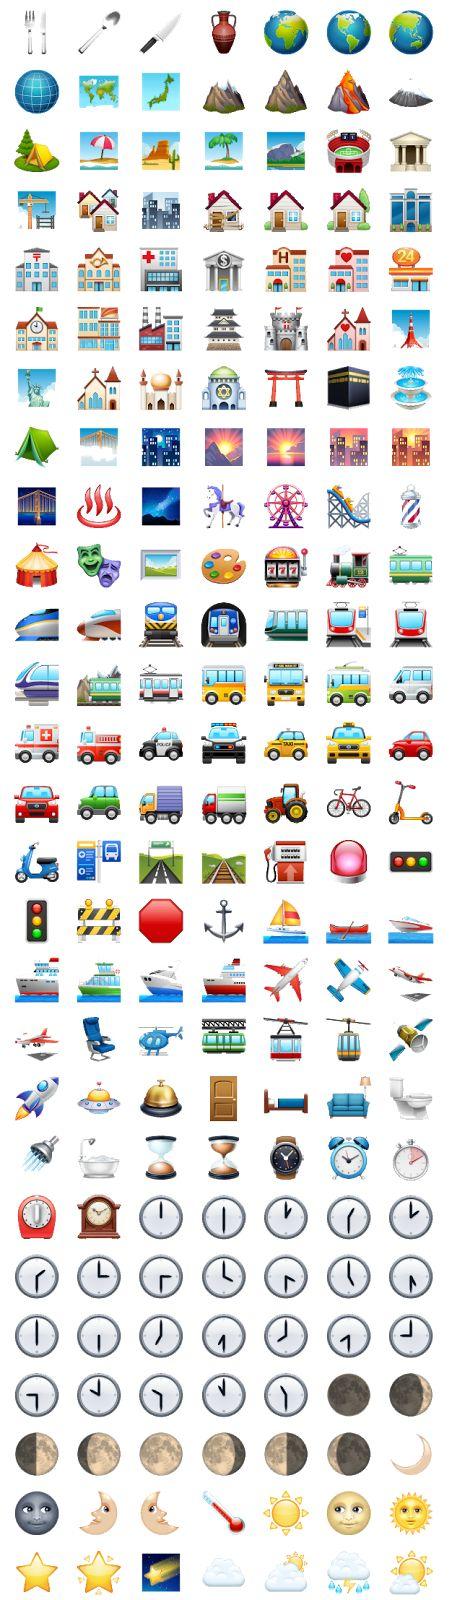 Todos Emojis do Whatsapp - 2017 (com imagens)   Emoticons